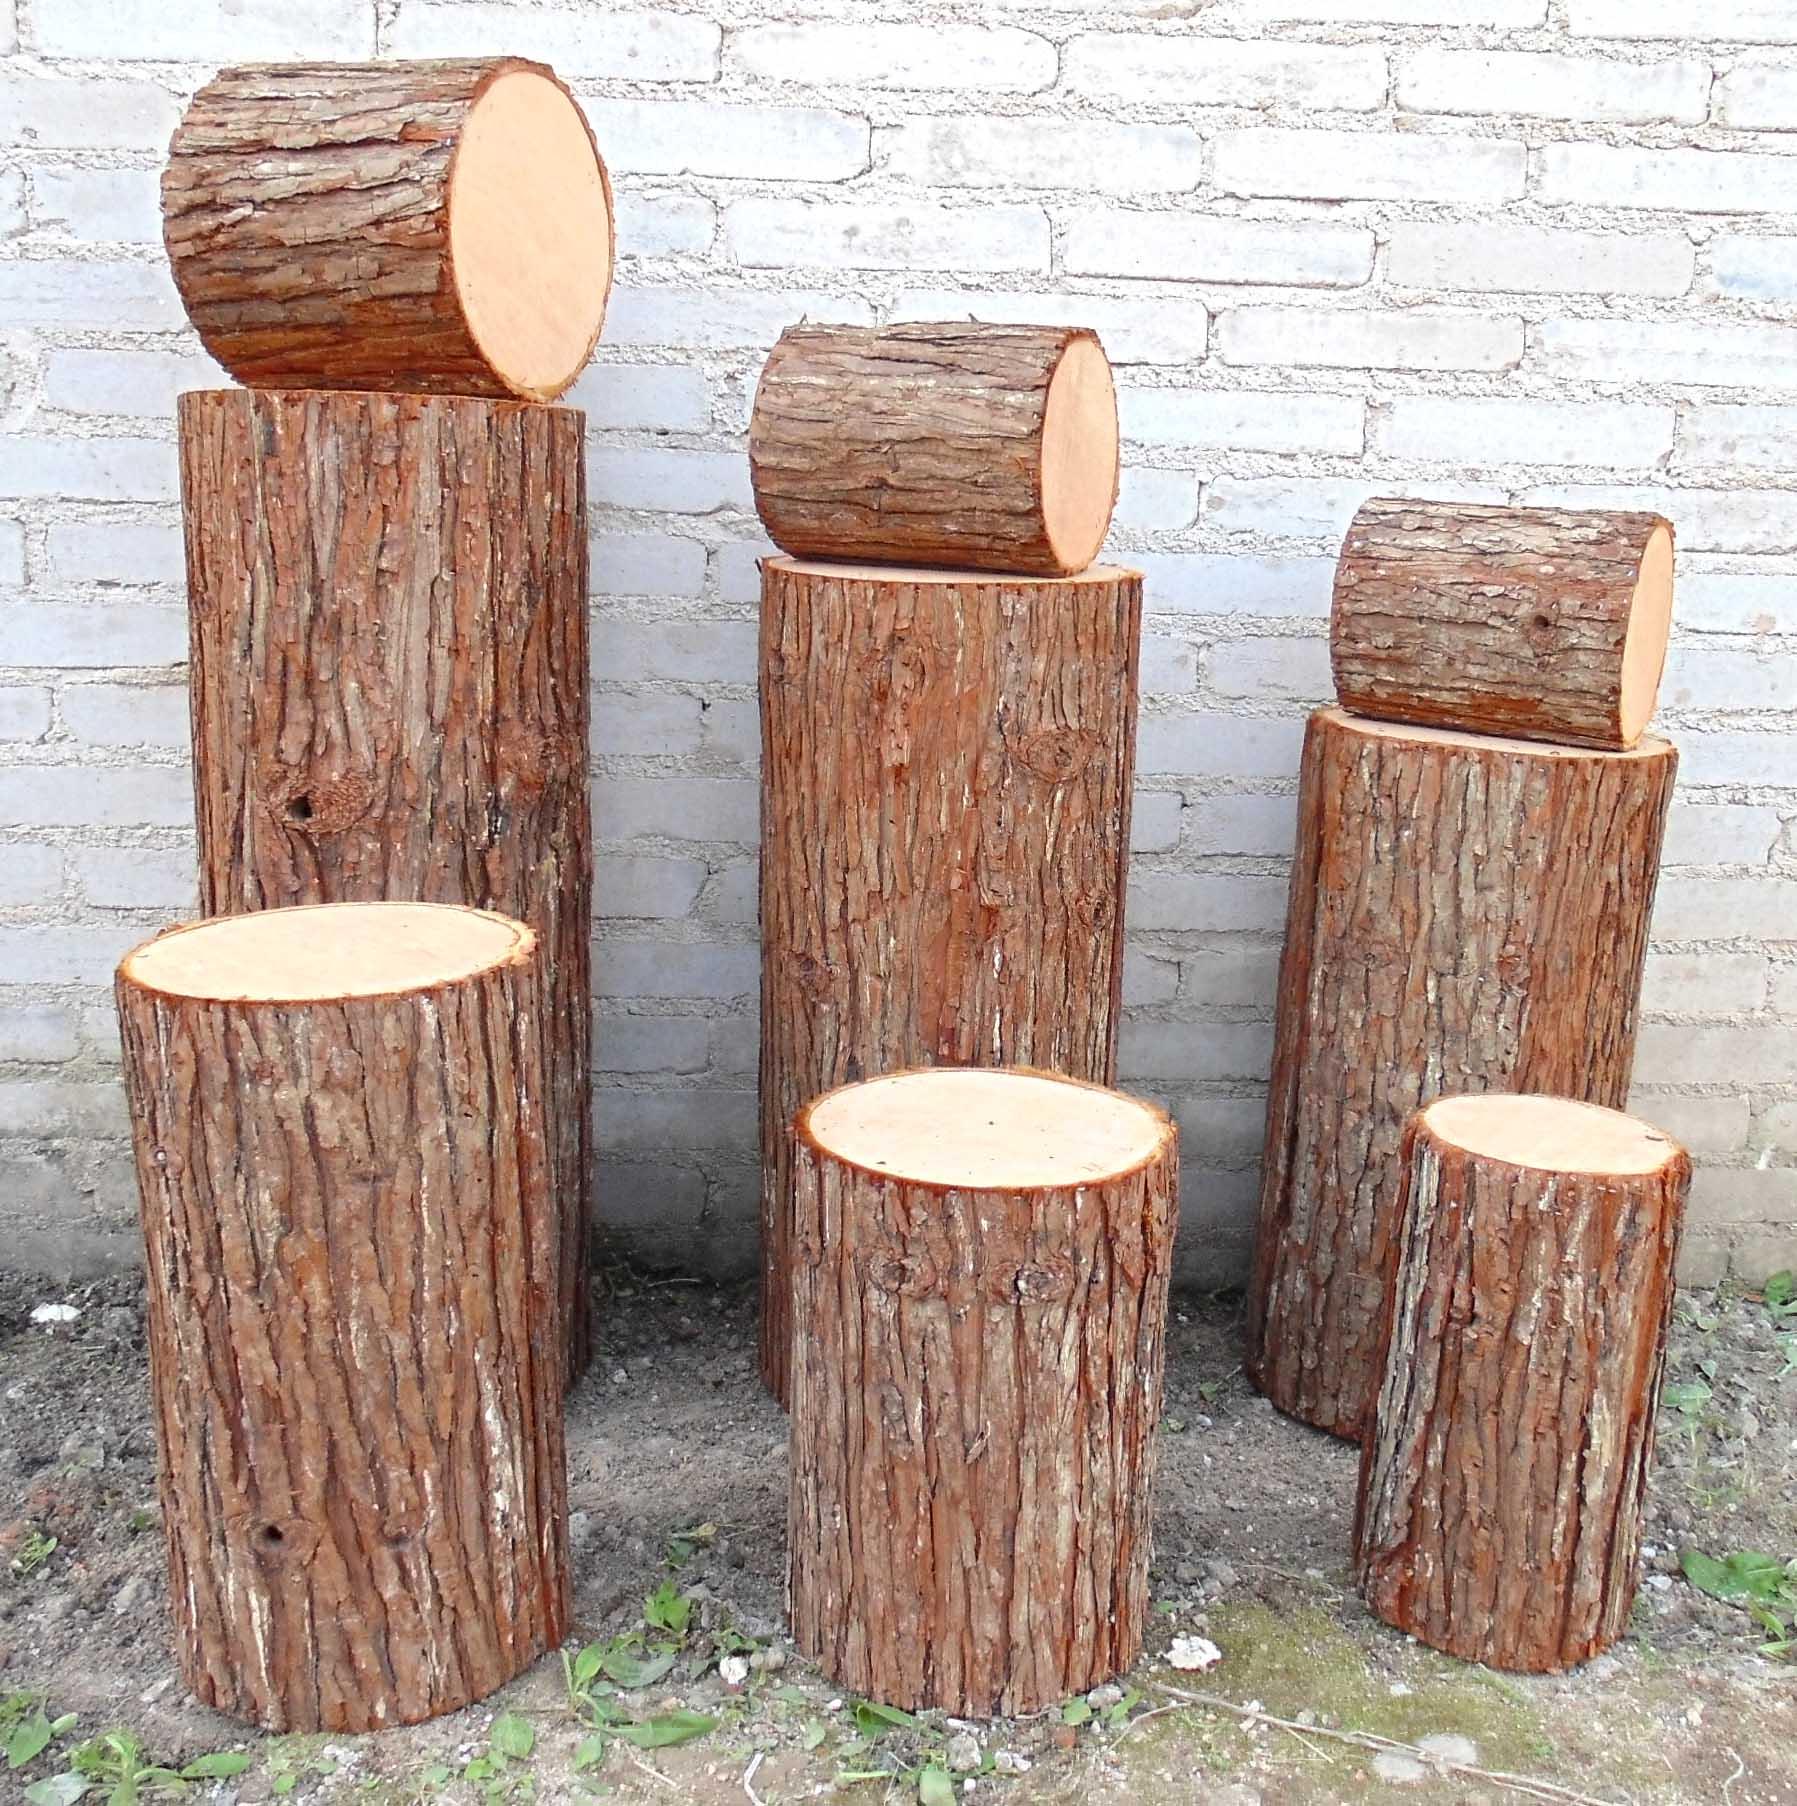 仿真原木圆木道具墩假杉木桩仿真树桩路引婚庆带皮桩柱装饰木桩设备厂摩天轮图片